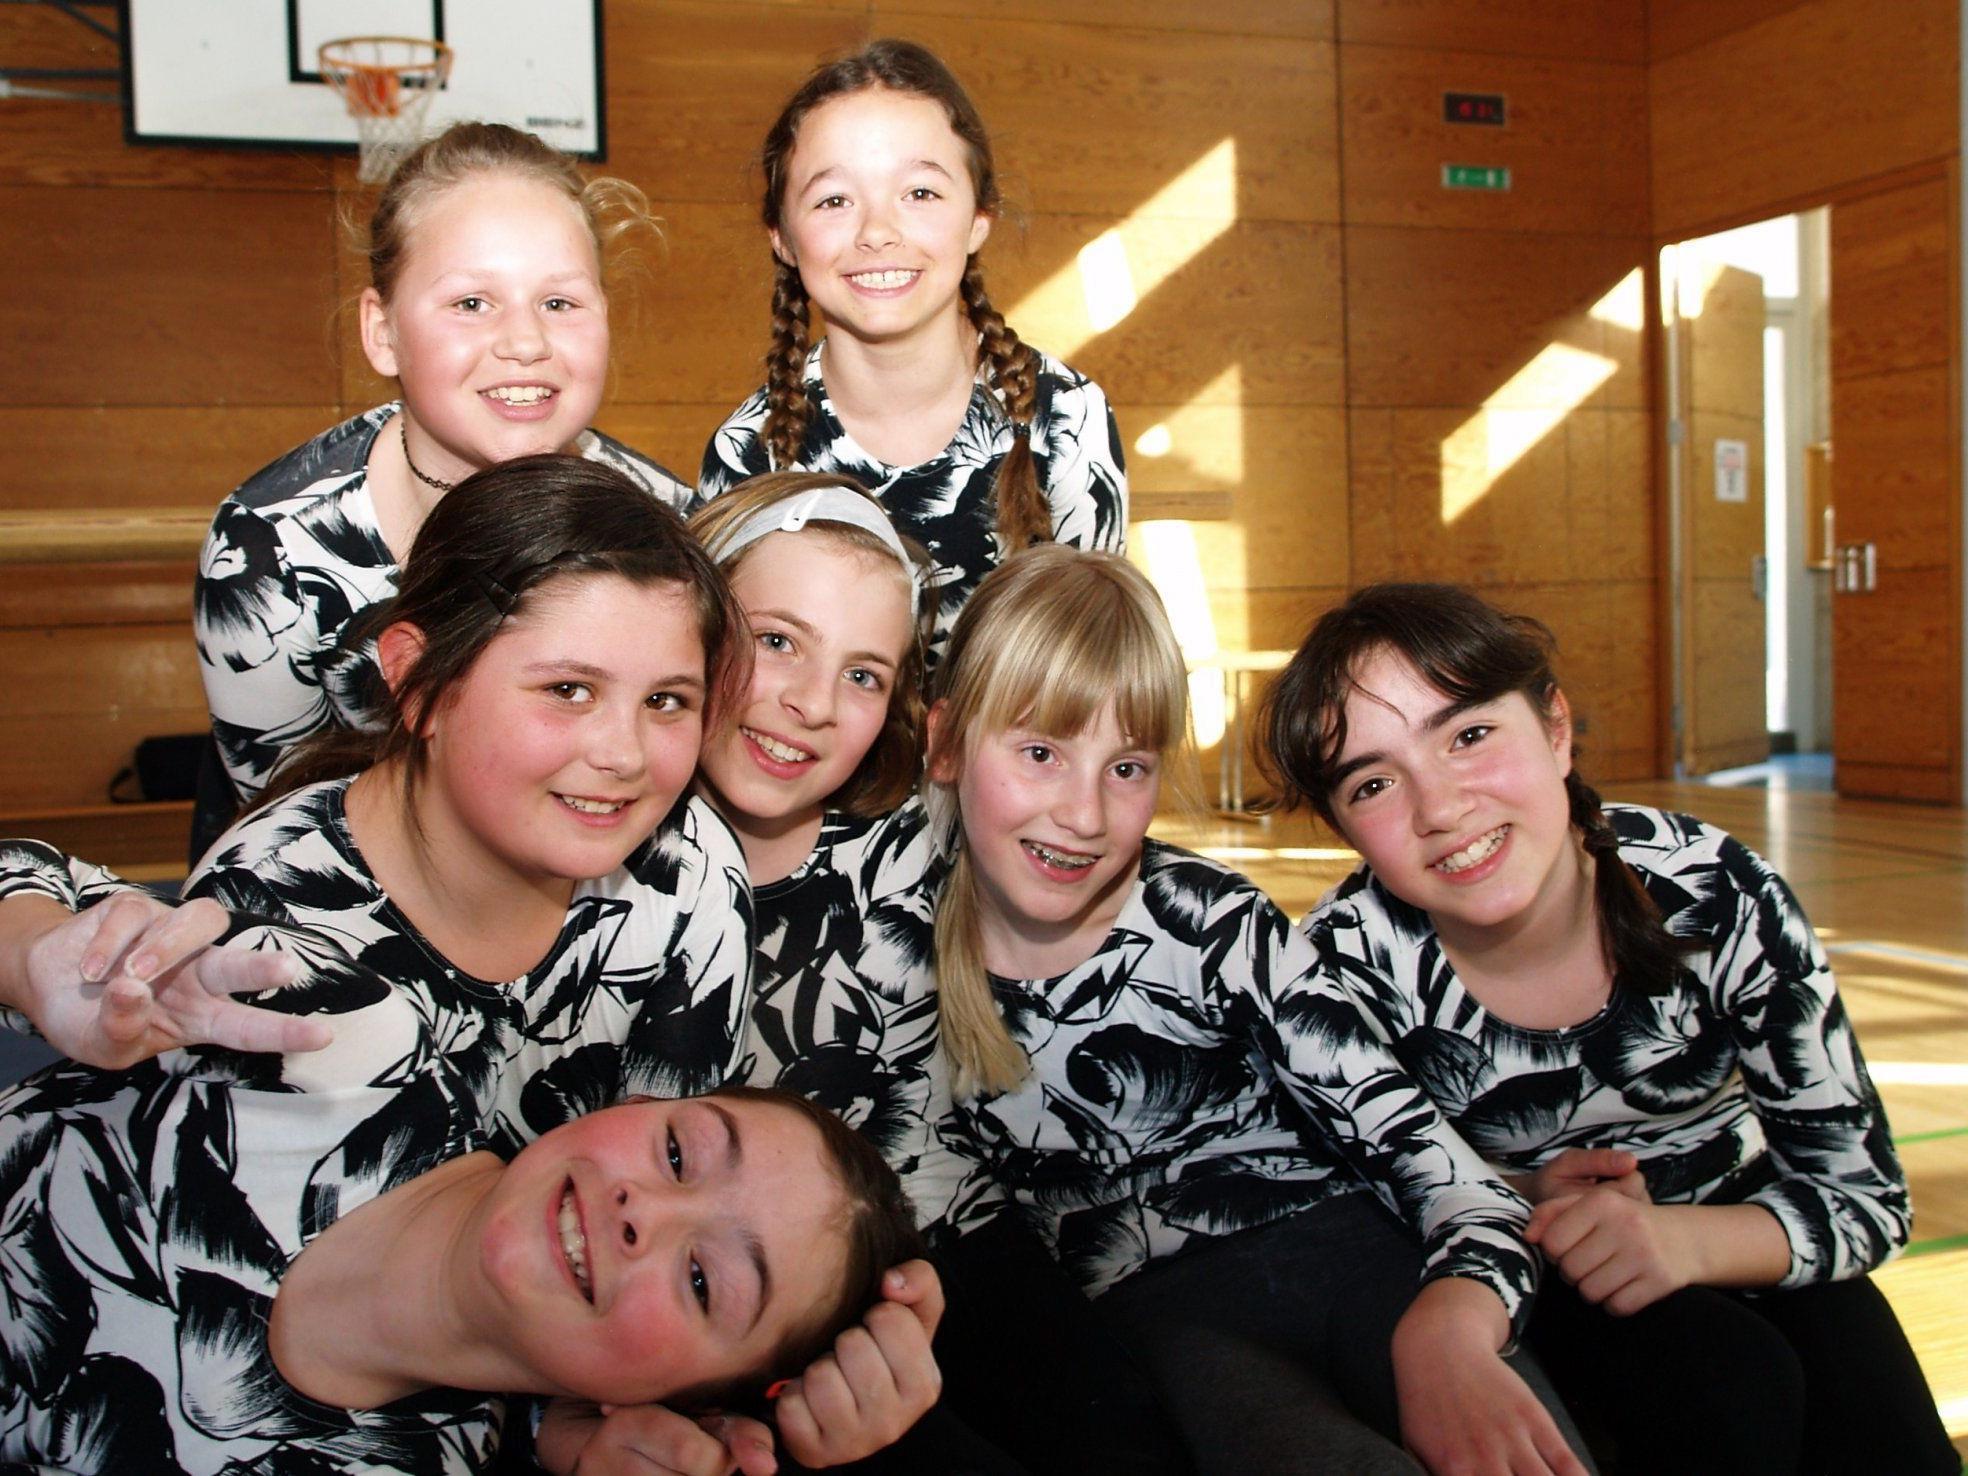 Die Turnerinnen waren mit viel Freude und sportlichem Einsatz dabei.